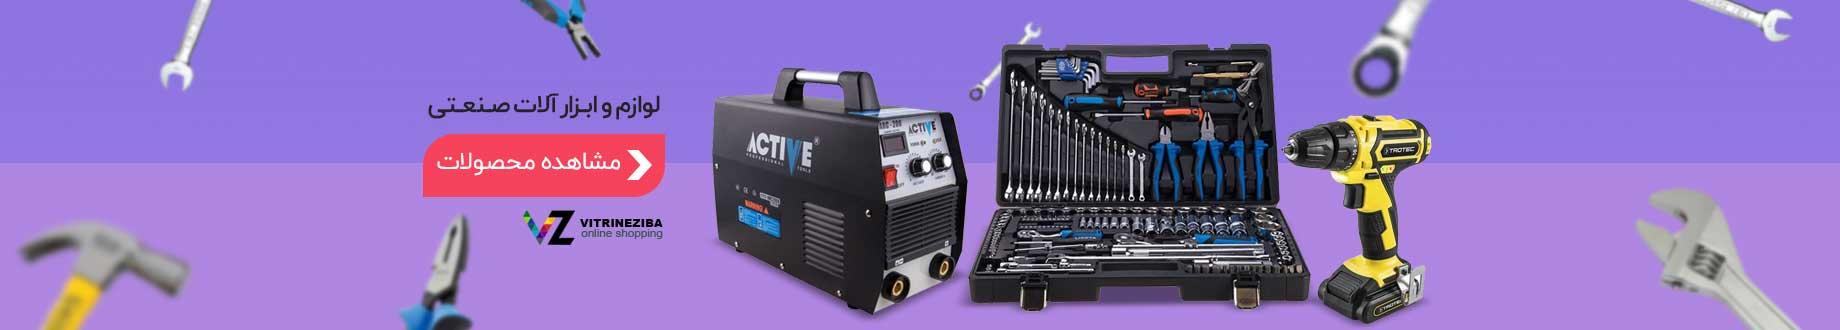 ابزار آلات برقی و شارژی